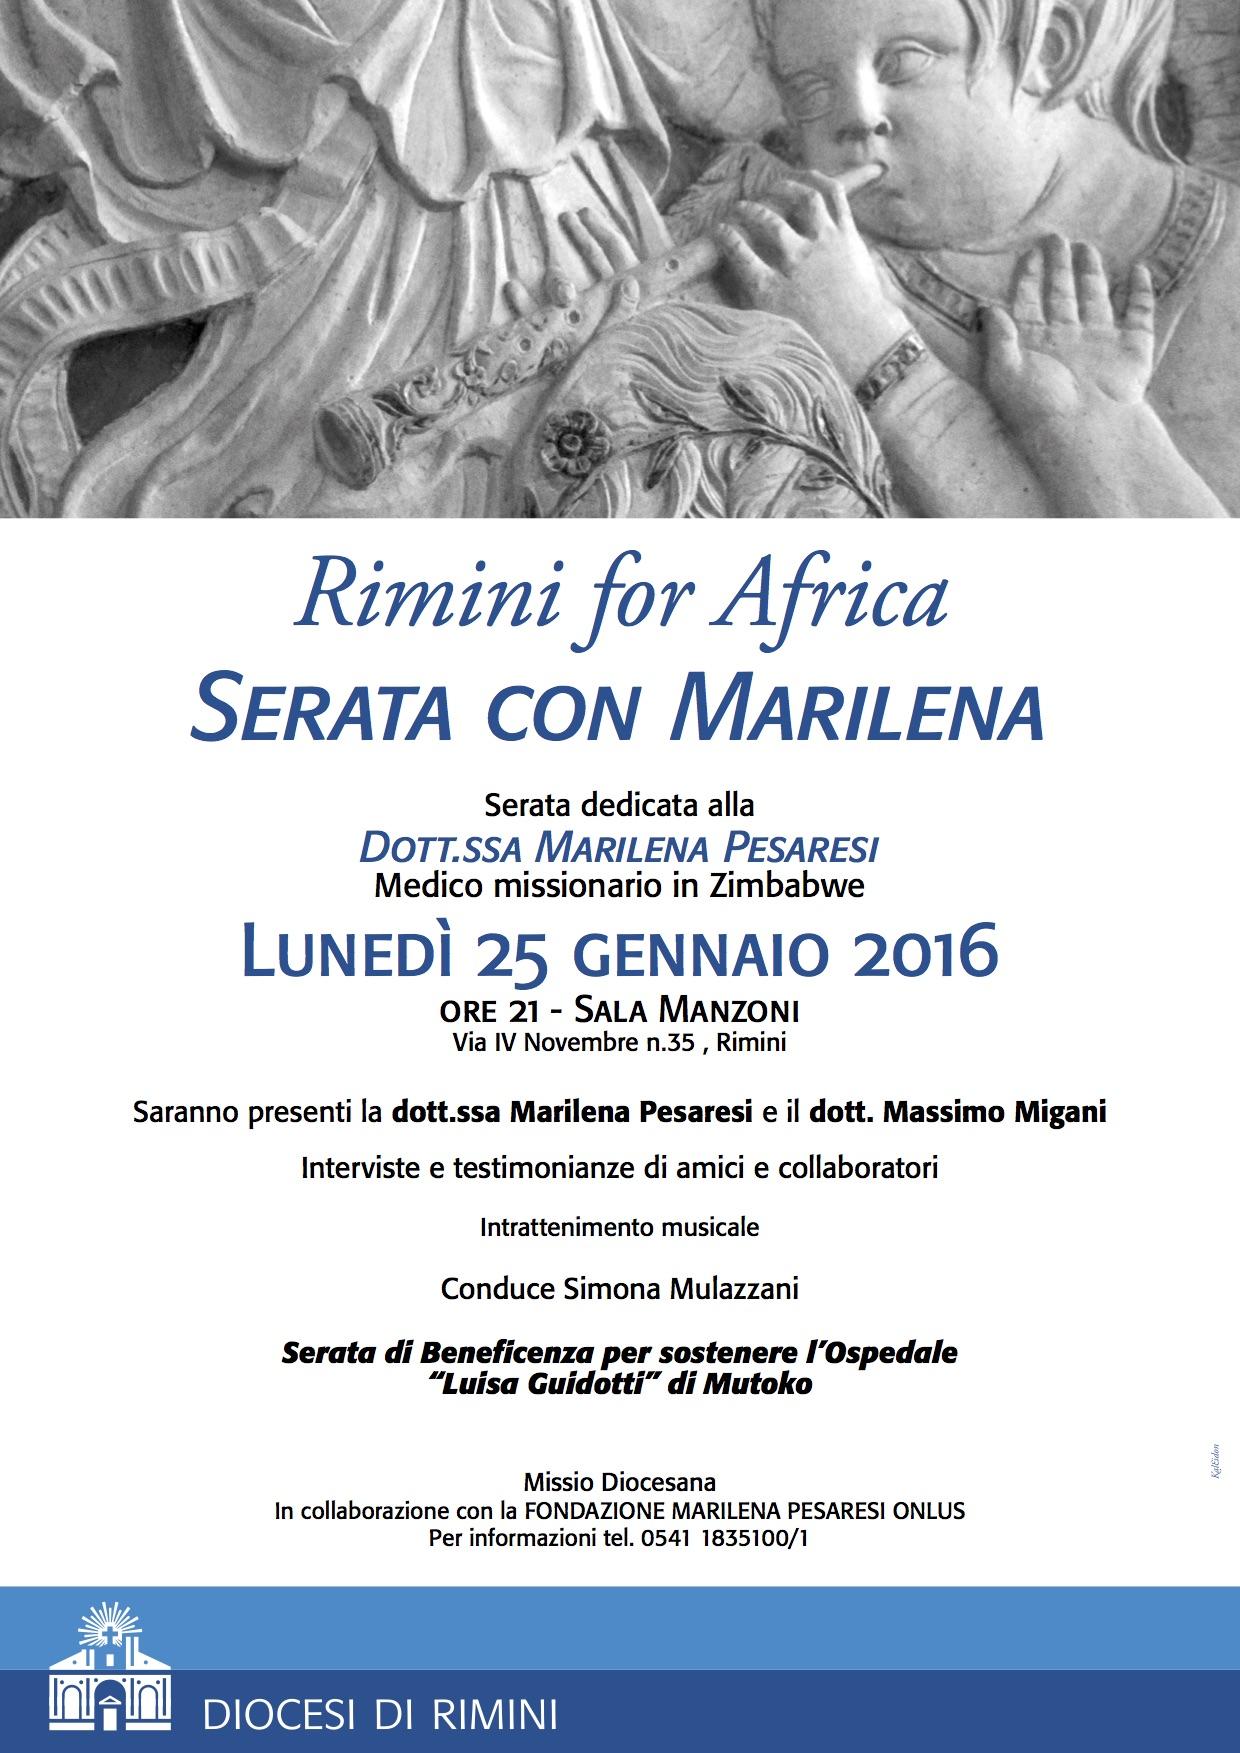 Rimini for Africa 2016